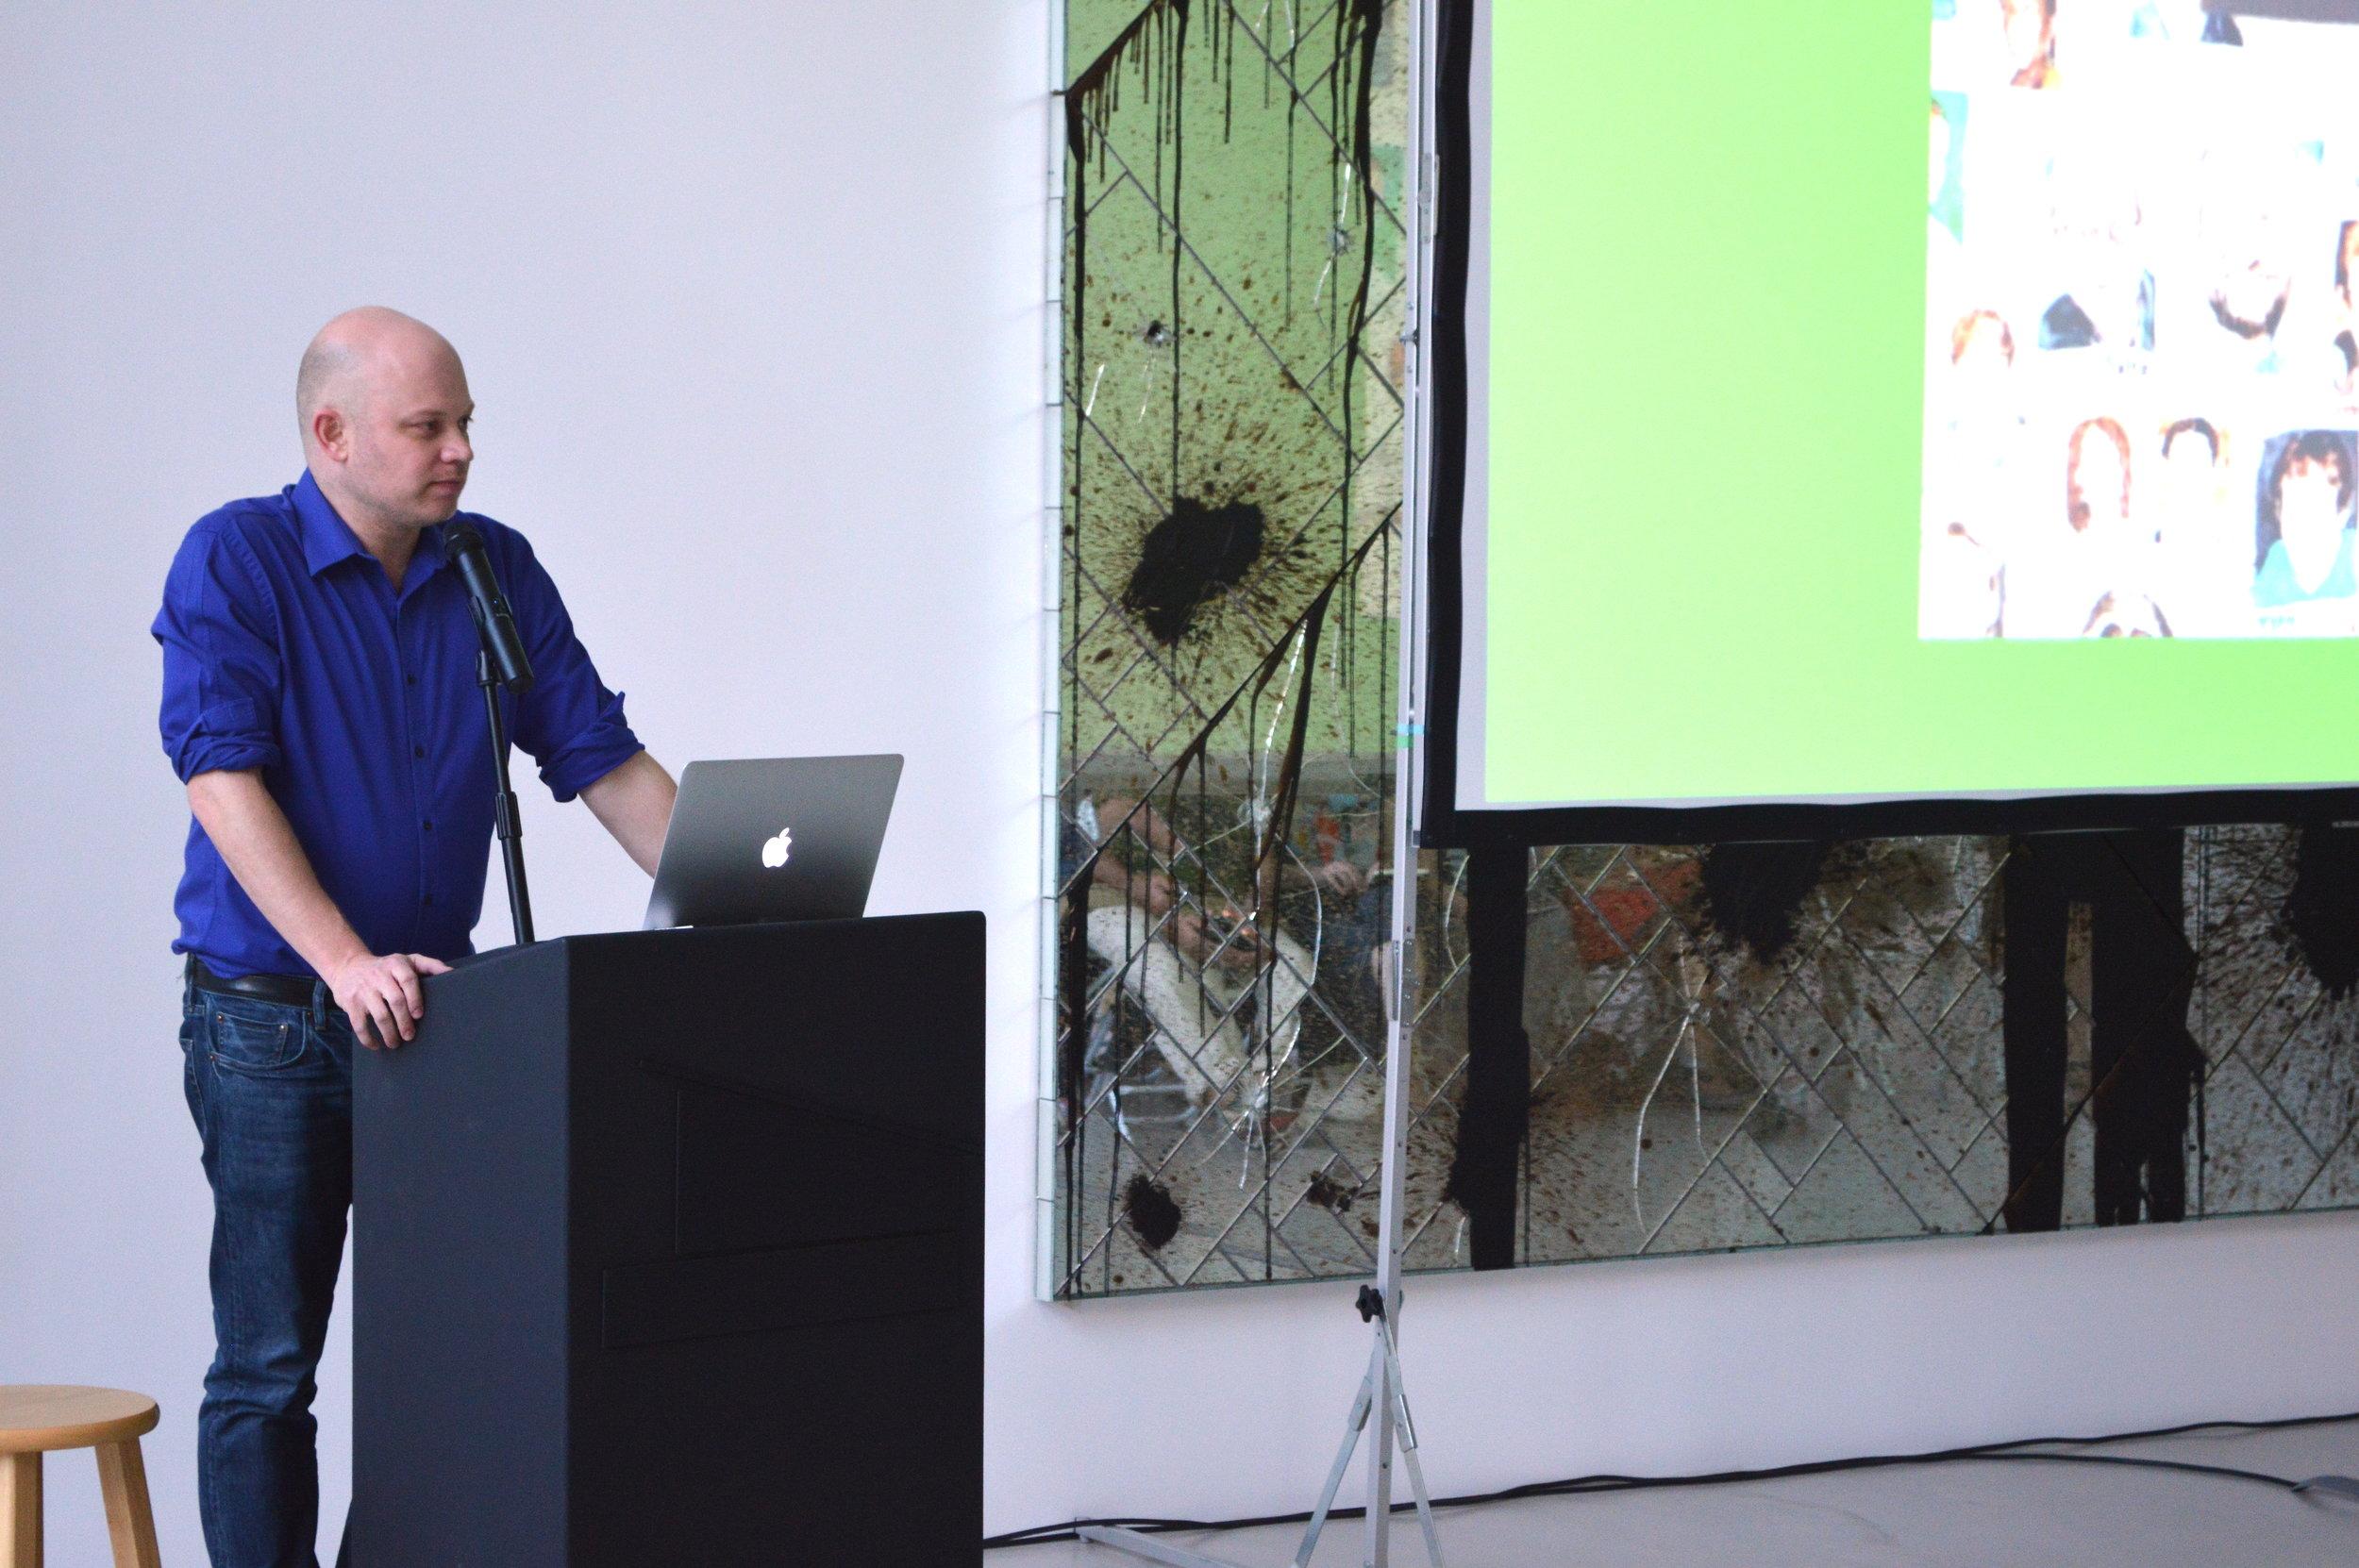 BEN DAVIS: ART, CLASS AND CRITIQUE